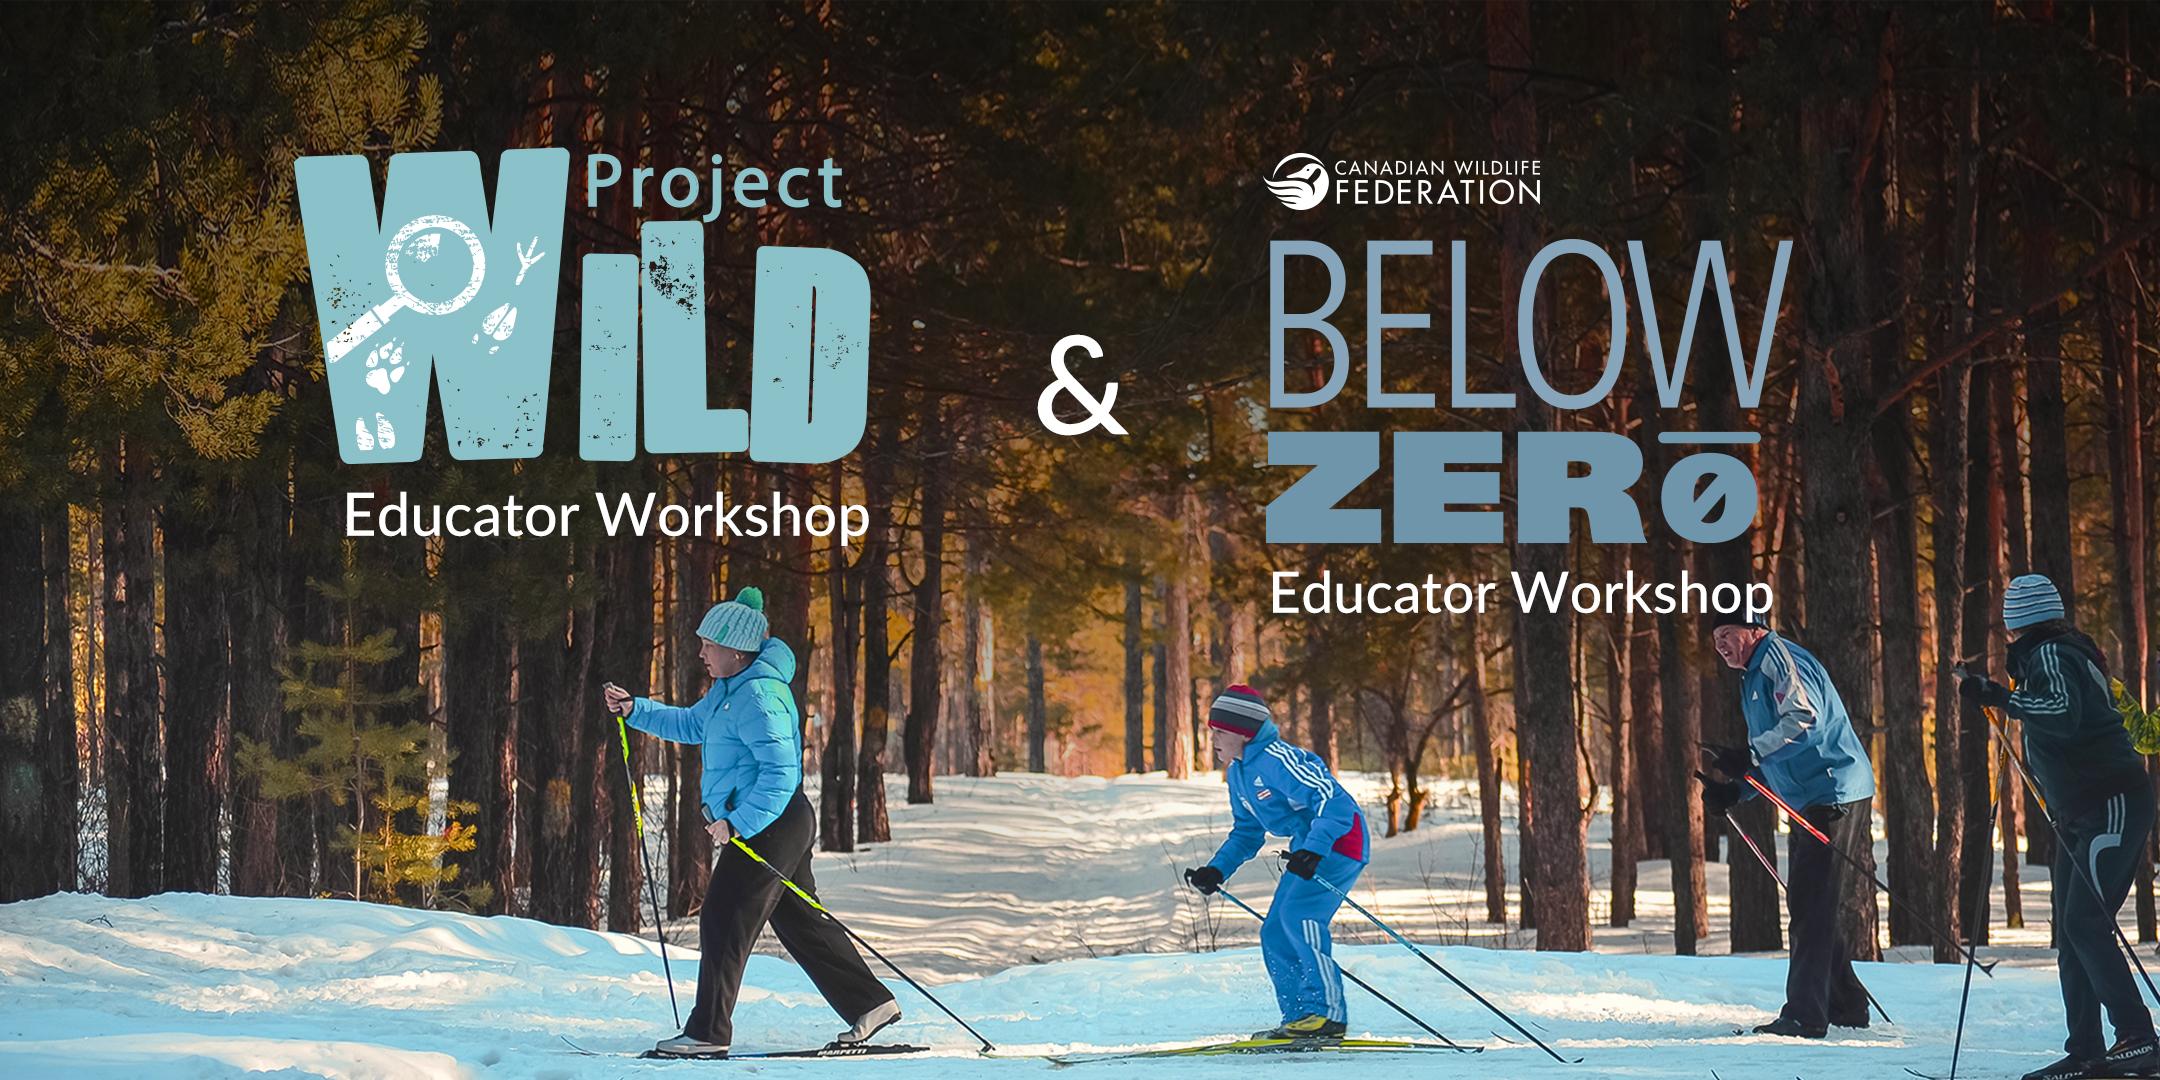 wild-project-below-zero.jpg